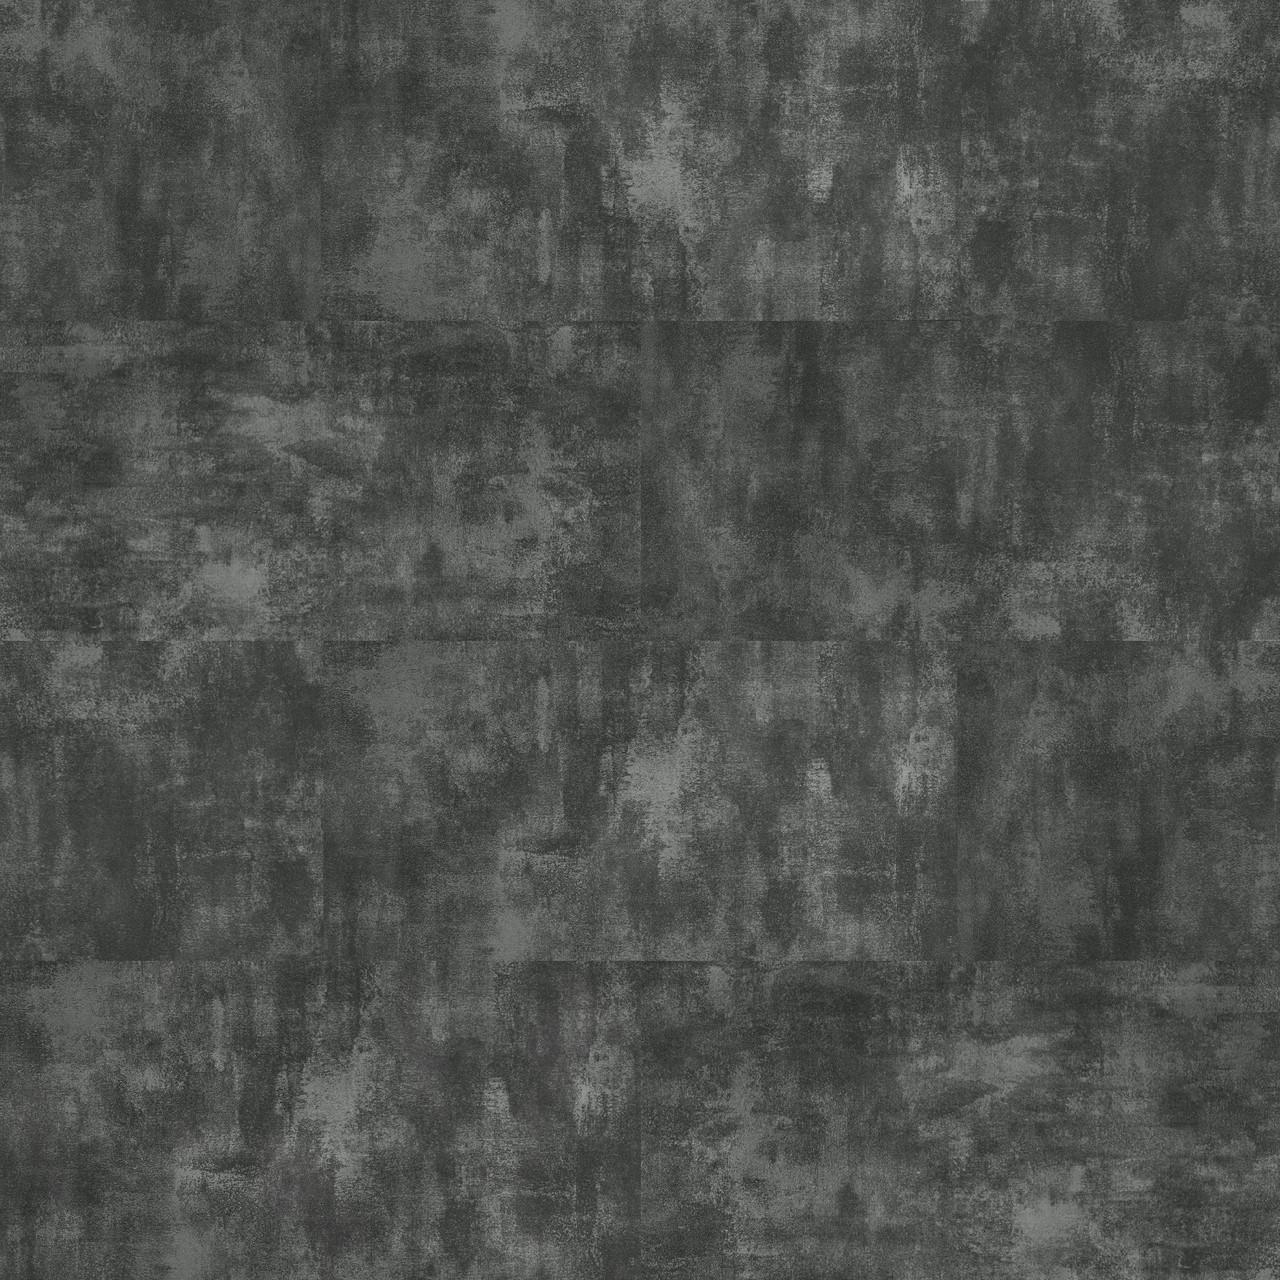 Вініловий підлогу ADO Metallic Stone Series -3000